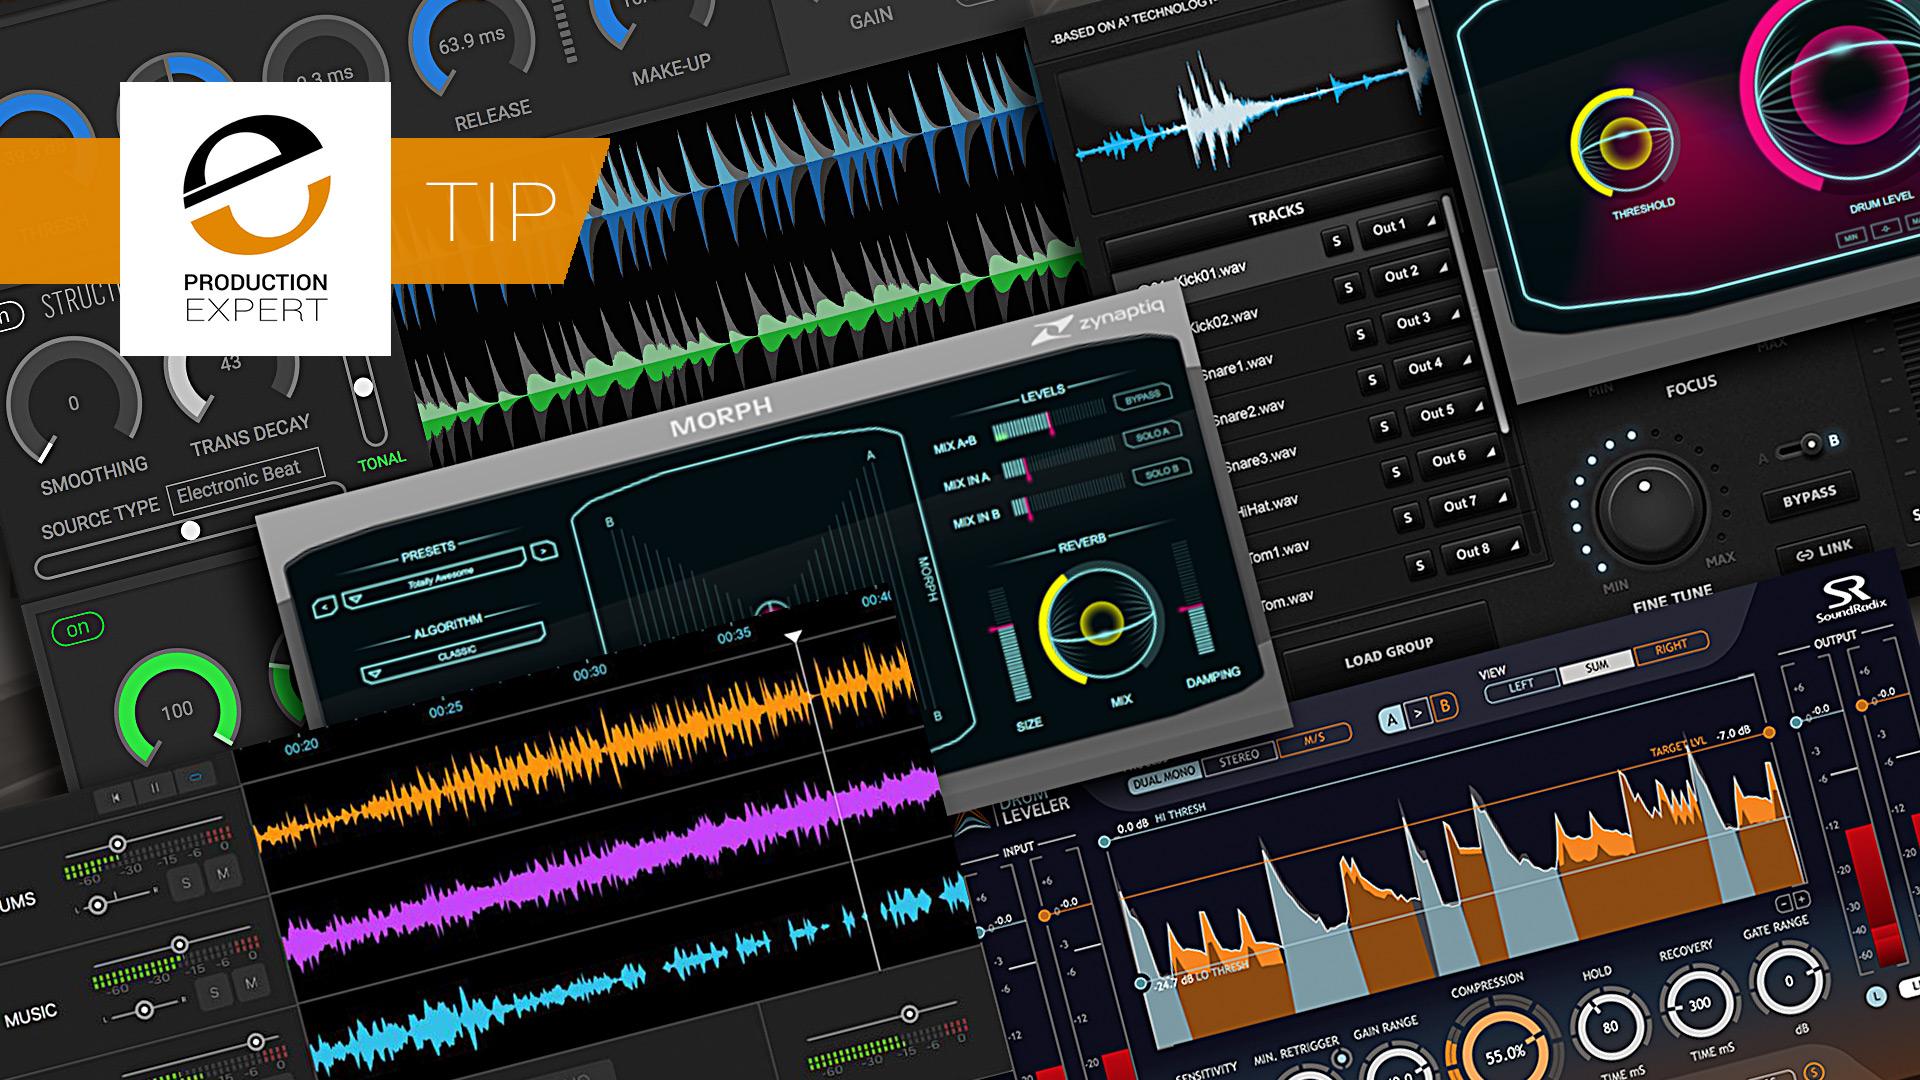 drum-loop-drums-processing-mixing-plug-ins.jpg